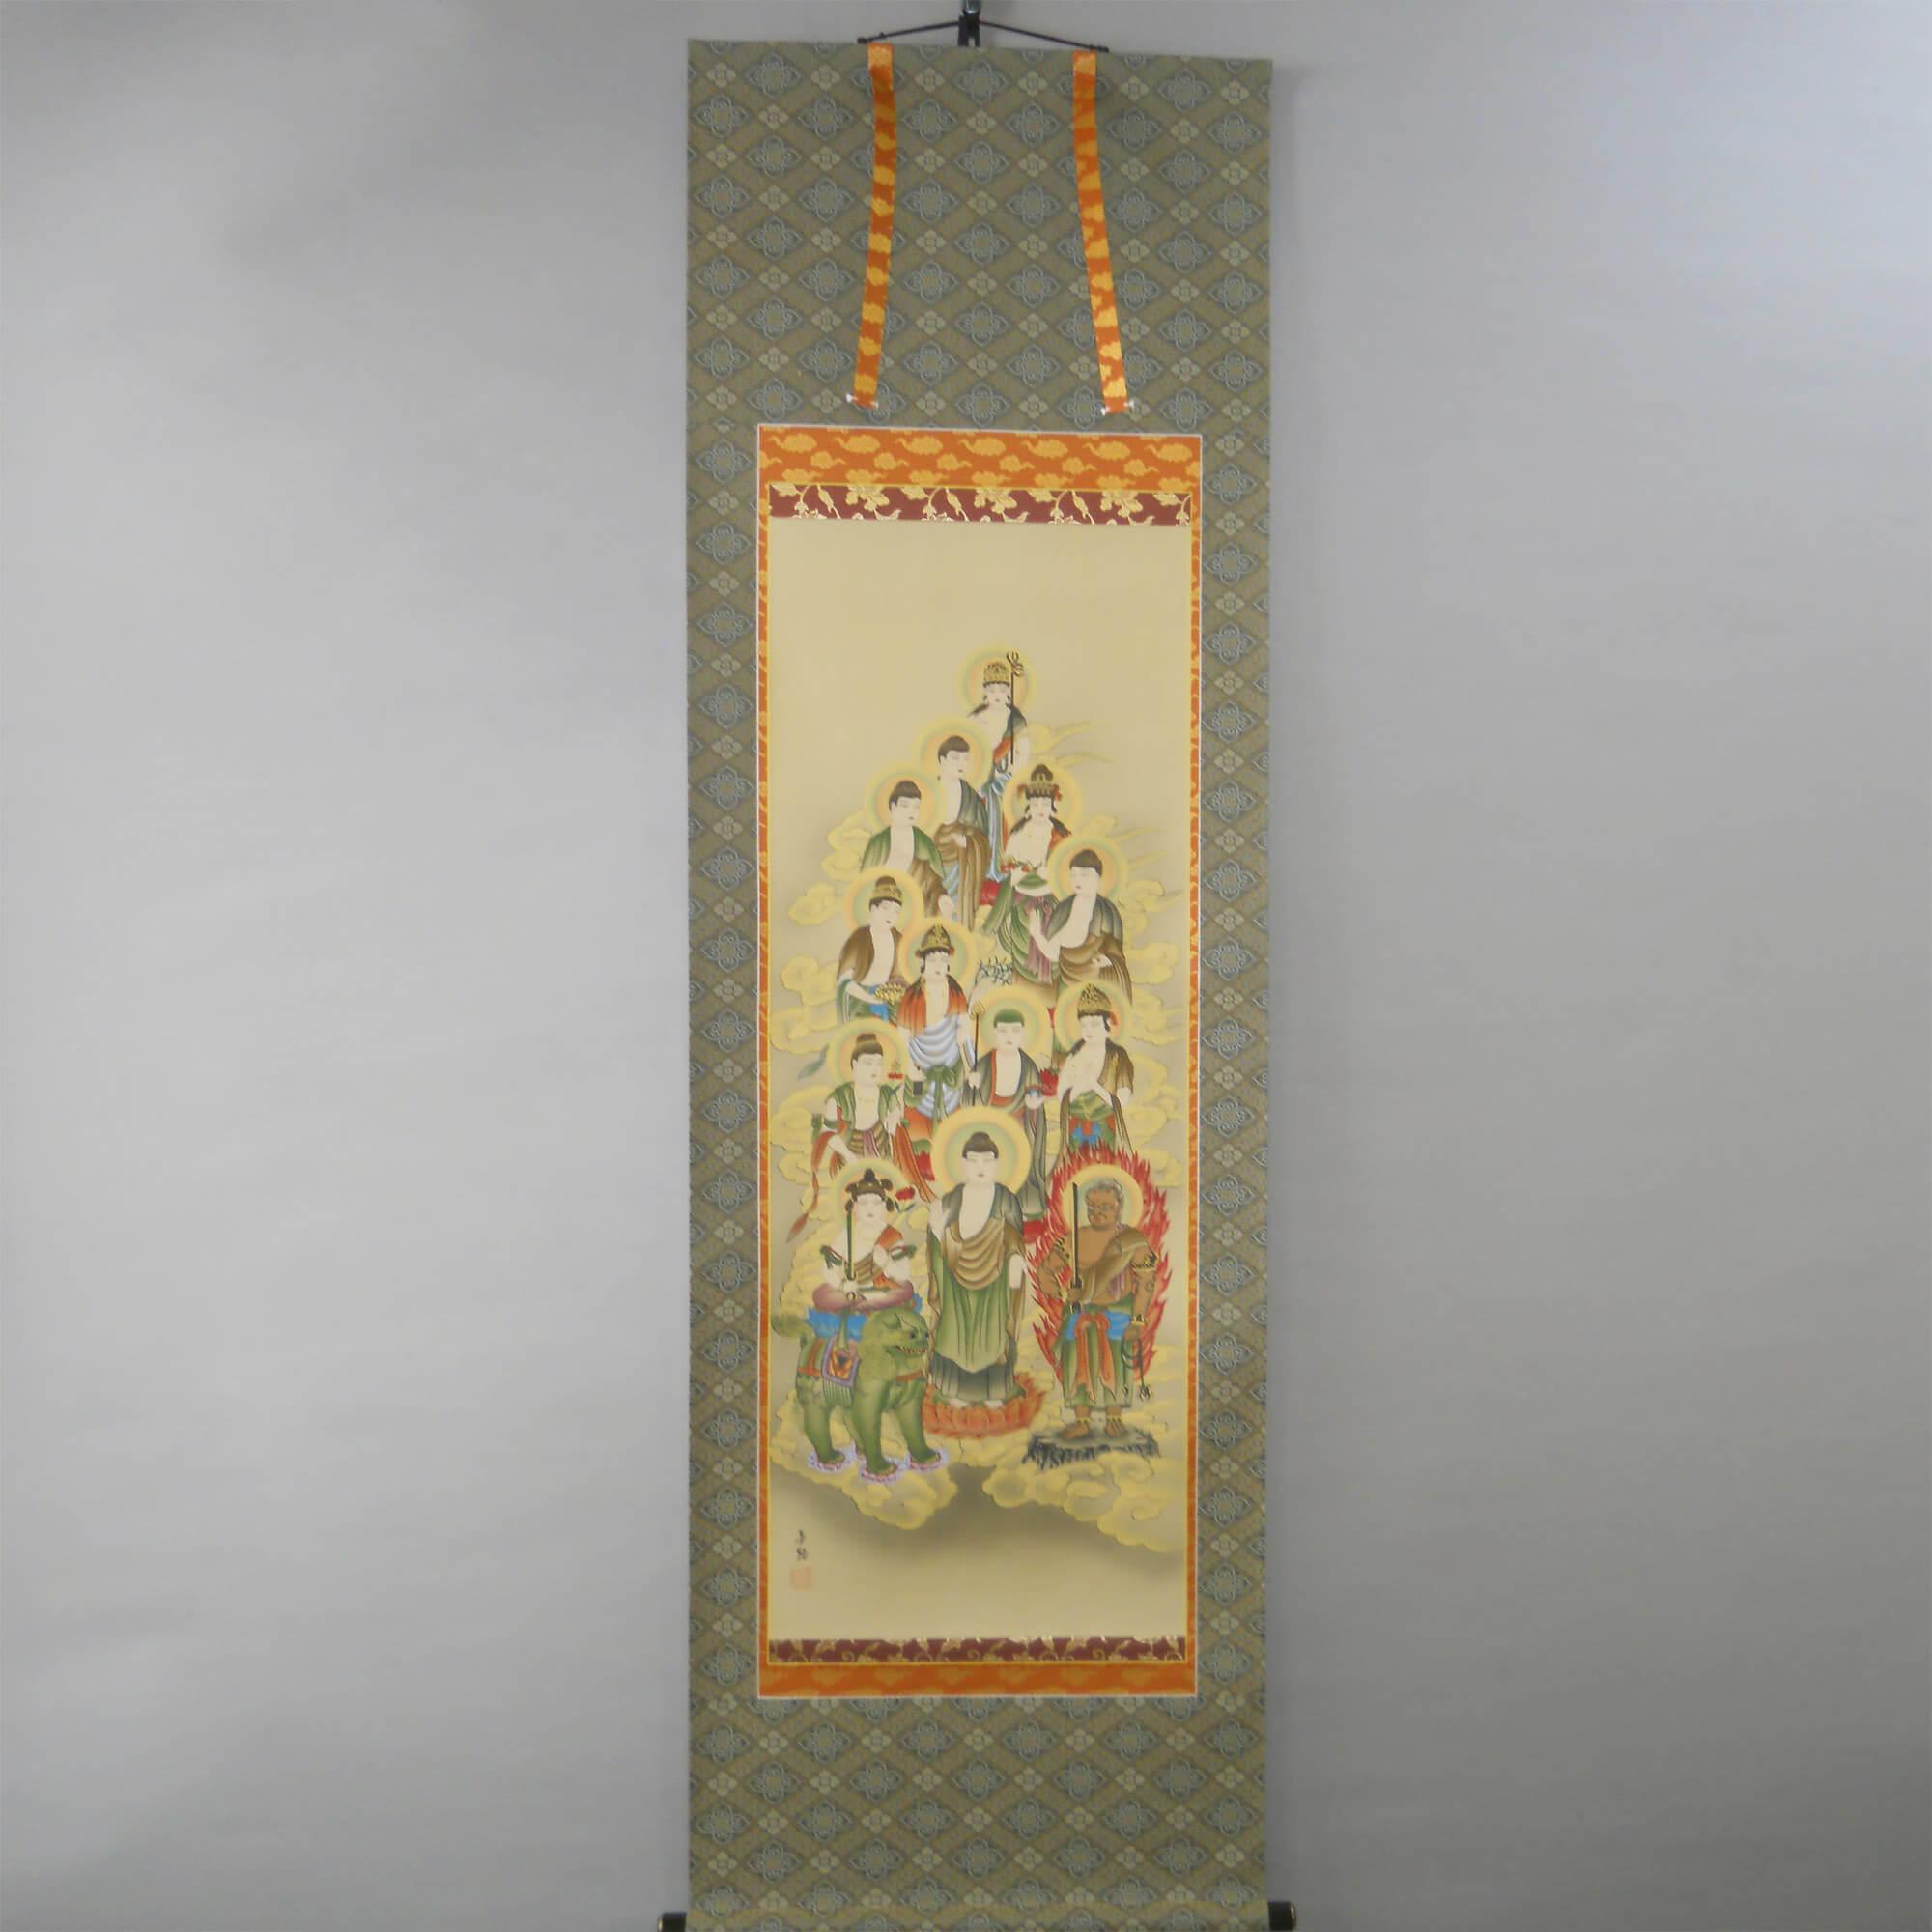 13 Buddhas / Yumeji Kinoshita